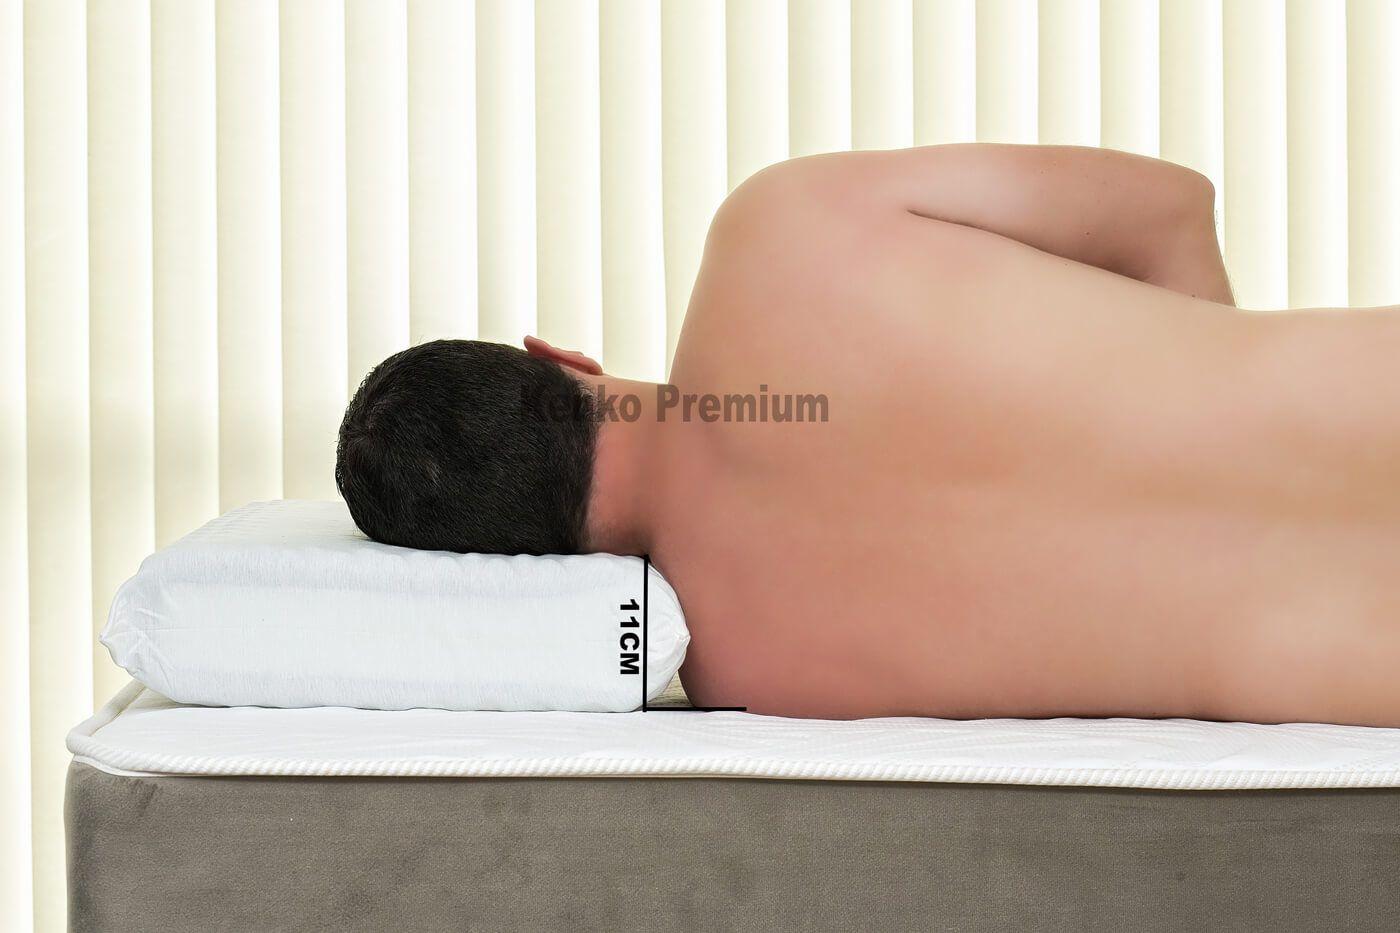 Travesseiro Magnético Kenko Premium Modelo Standart  Opções de Altura  - Kenko Premium Colchões